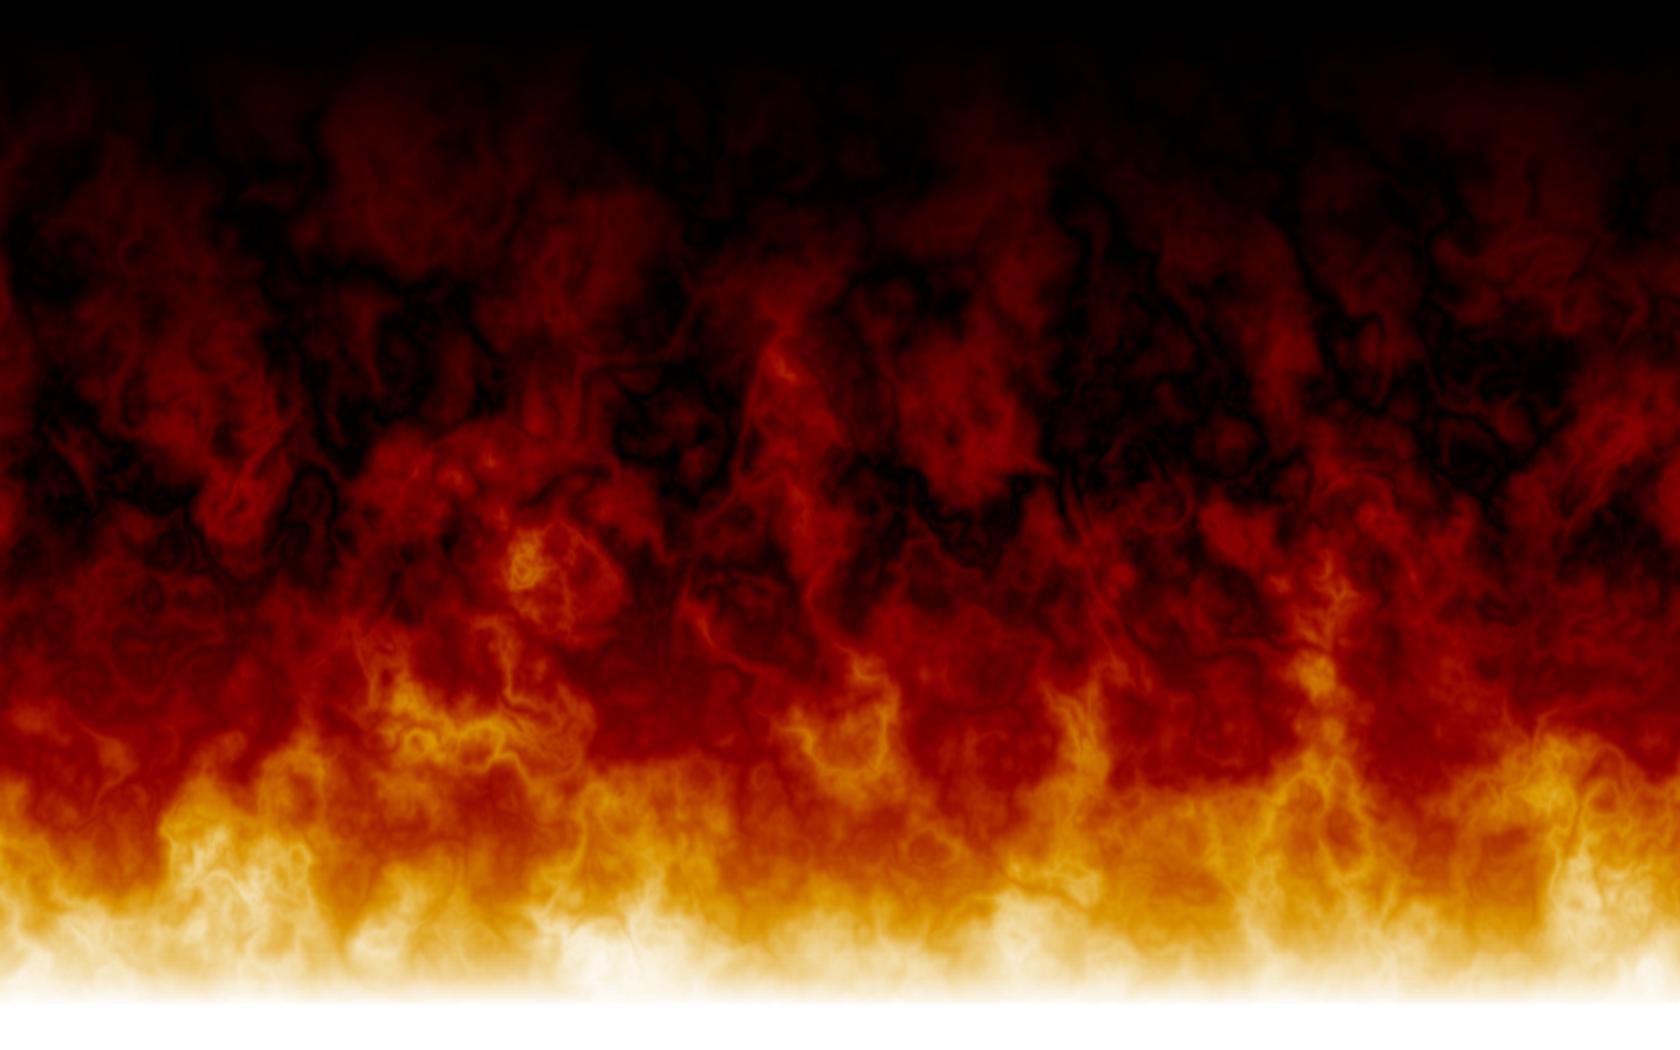 Fire Wallpaper 9231 1680x1050 Px HDWallSource